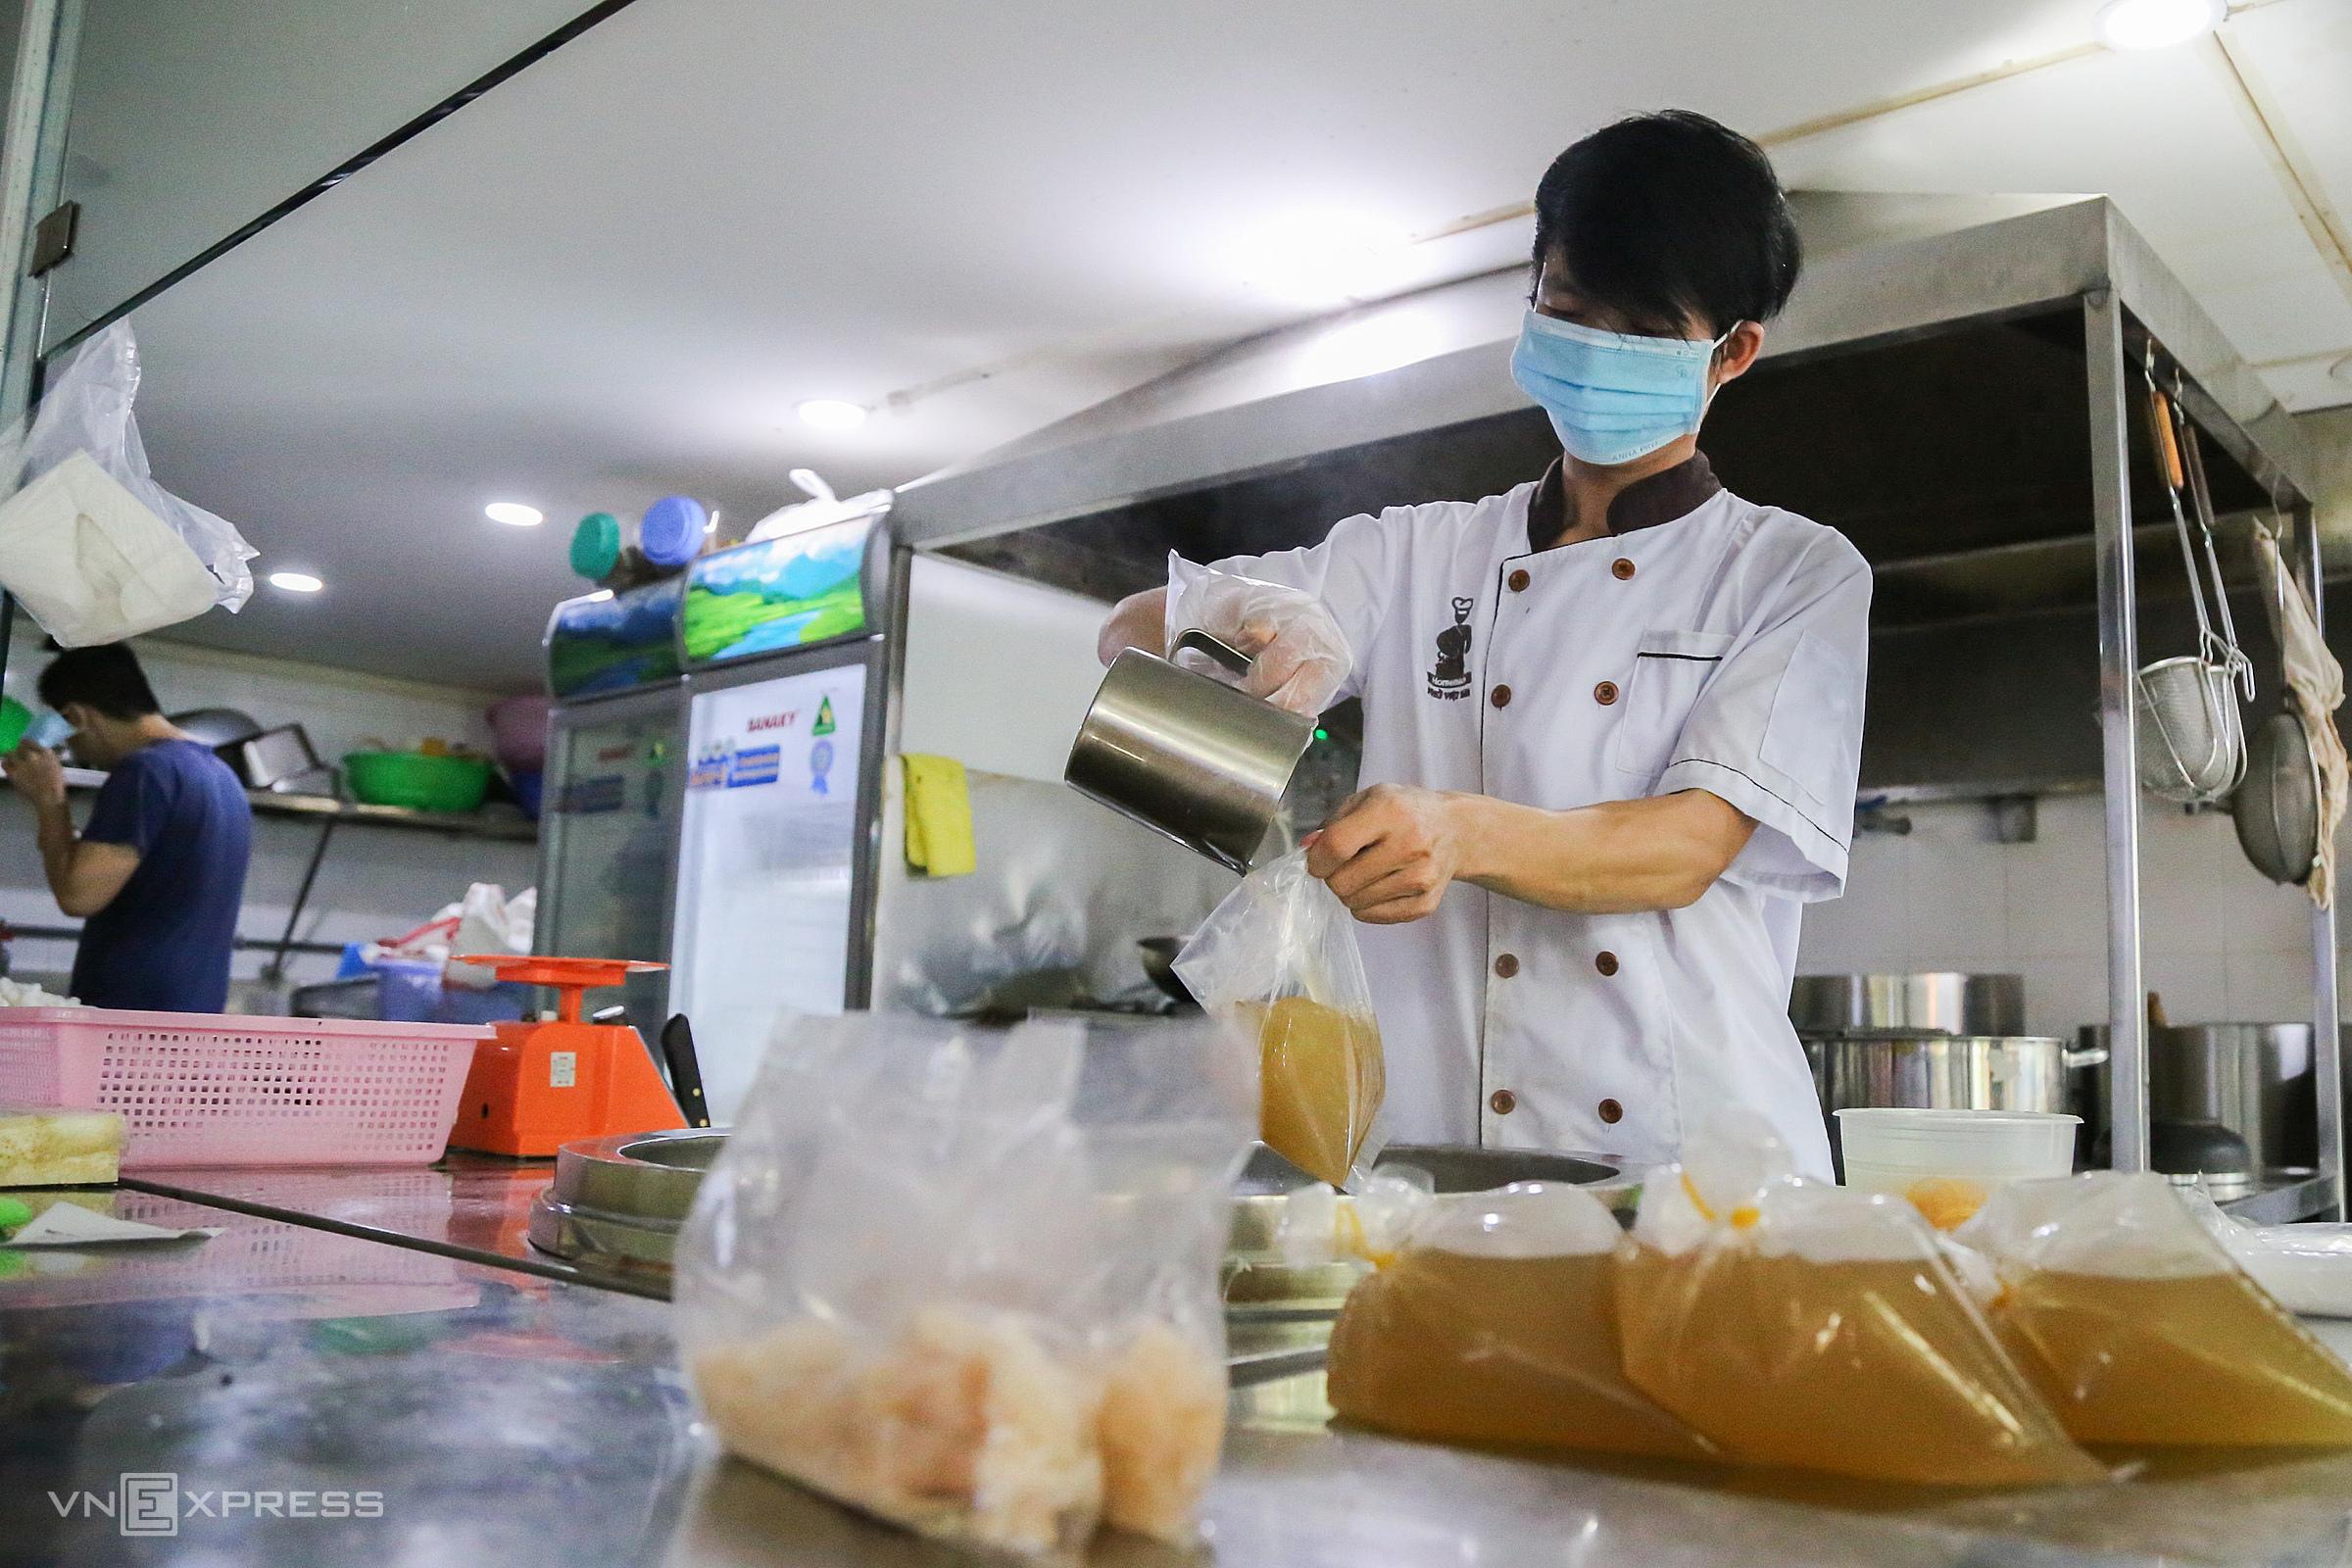 Nhân viên một quán ăn chuẩn bị đơn hàng cho khách ngày 9/9 ở TP HCM. Ảnh: Quỳnh Trần